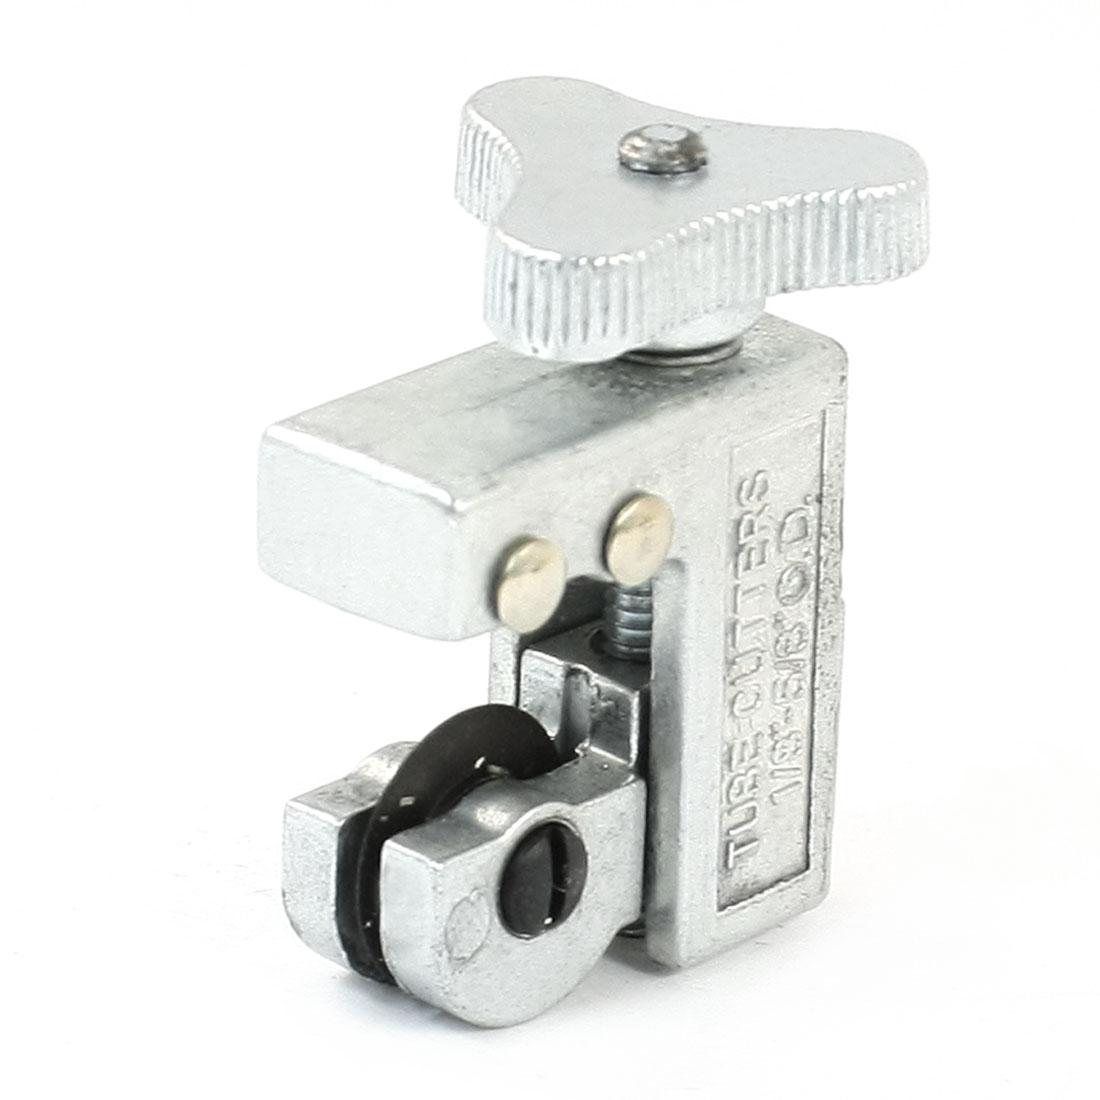 Silver Tone Metallic 3-16mm Cutting Diameter Tube Cutter